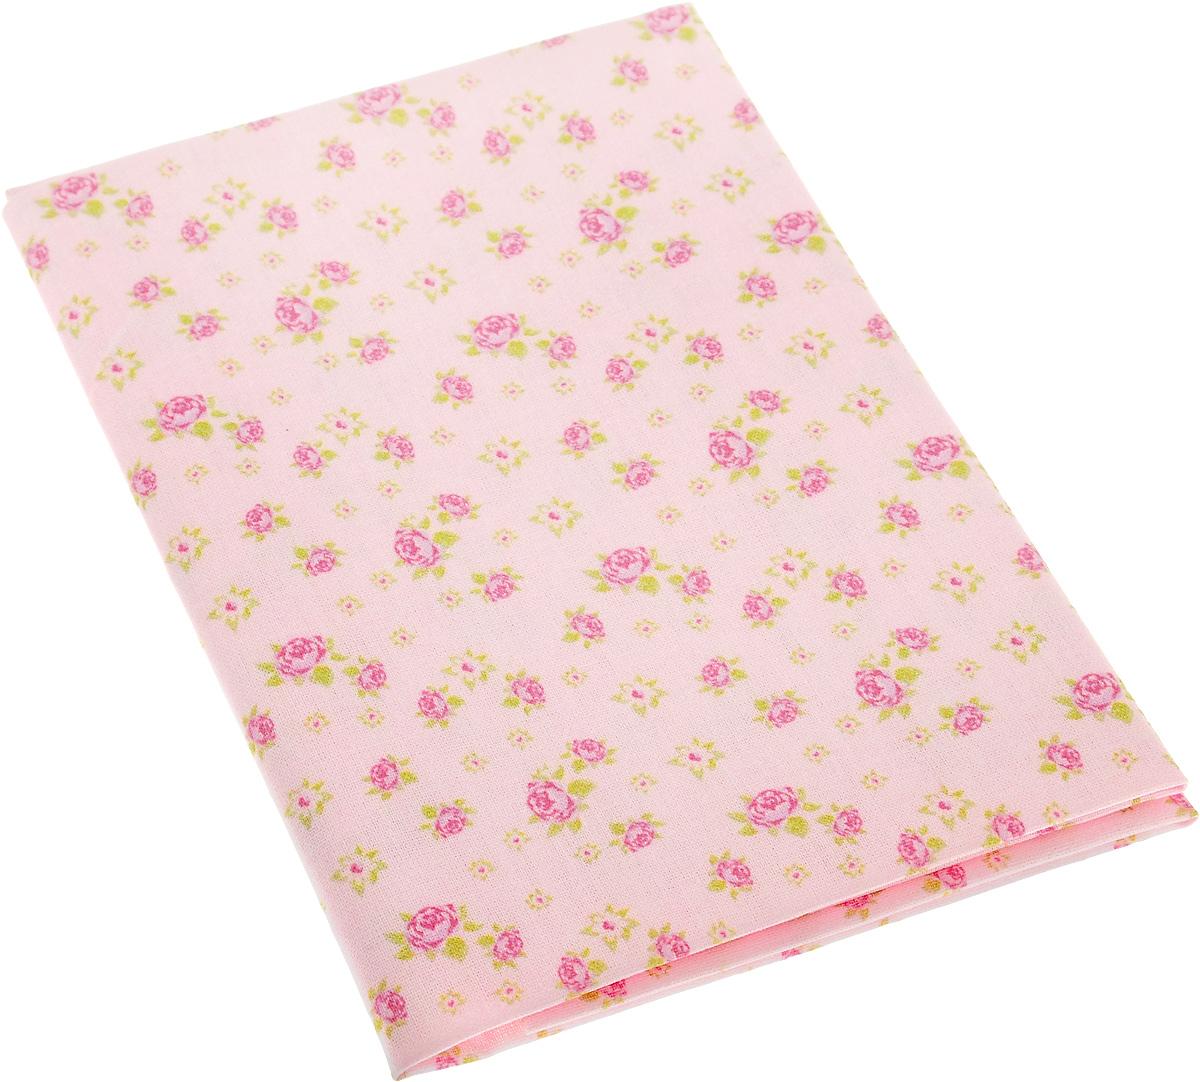 Ткань для пэчворка Артмикс Розы в стиле шебби шик, цвет: розовый, зеленый, 48 x 50 смAM586002Ткань Артмикс Розы в стиле шебби шик, изготовленная из 100% хлопка, предназначена для пошива одеял, покрывал, сумок, аппликаций и прочих изделий в технике пэчворк. Также подходит для пошива кукол, аксессуаров и одежды. Пэчворк - это вид рукоделия, при котором по принципу мозаики сшивается цельное изделие из кусочков ткани (лоскутков). Плотность ткани: 120 г/м2. УВАЖАЕМЫЕ КЛИЕНТЫ! Обращаем ваше внимание, на тот факт, что размер отреза может отличаться на 1-2 см.